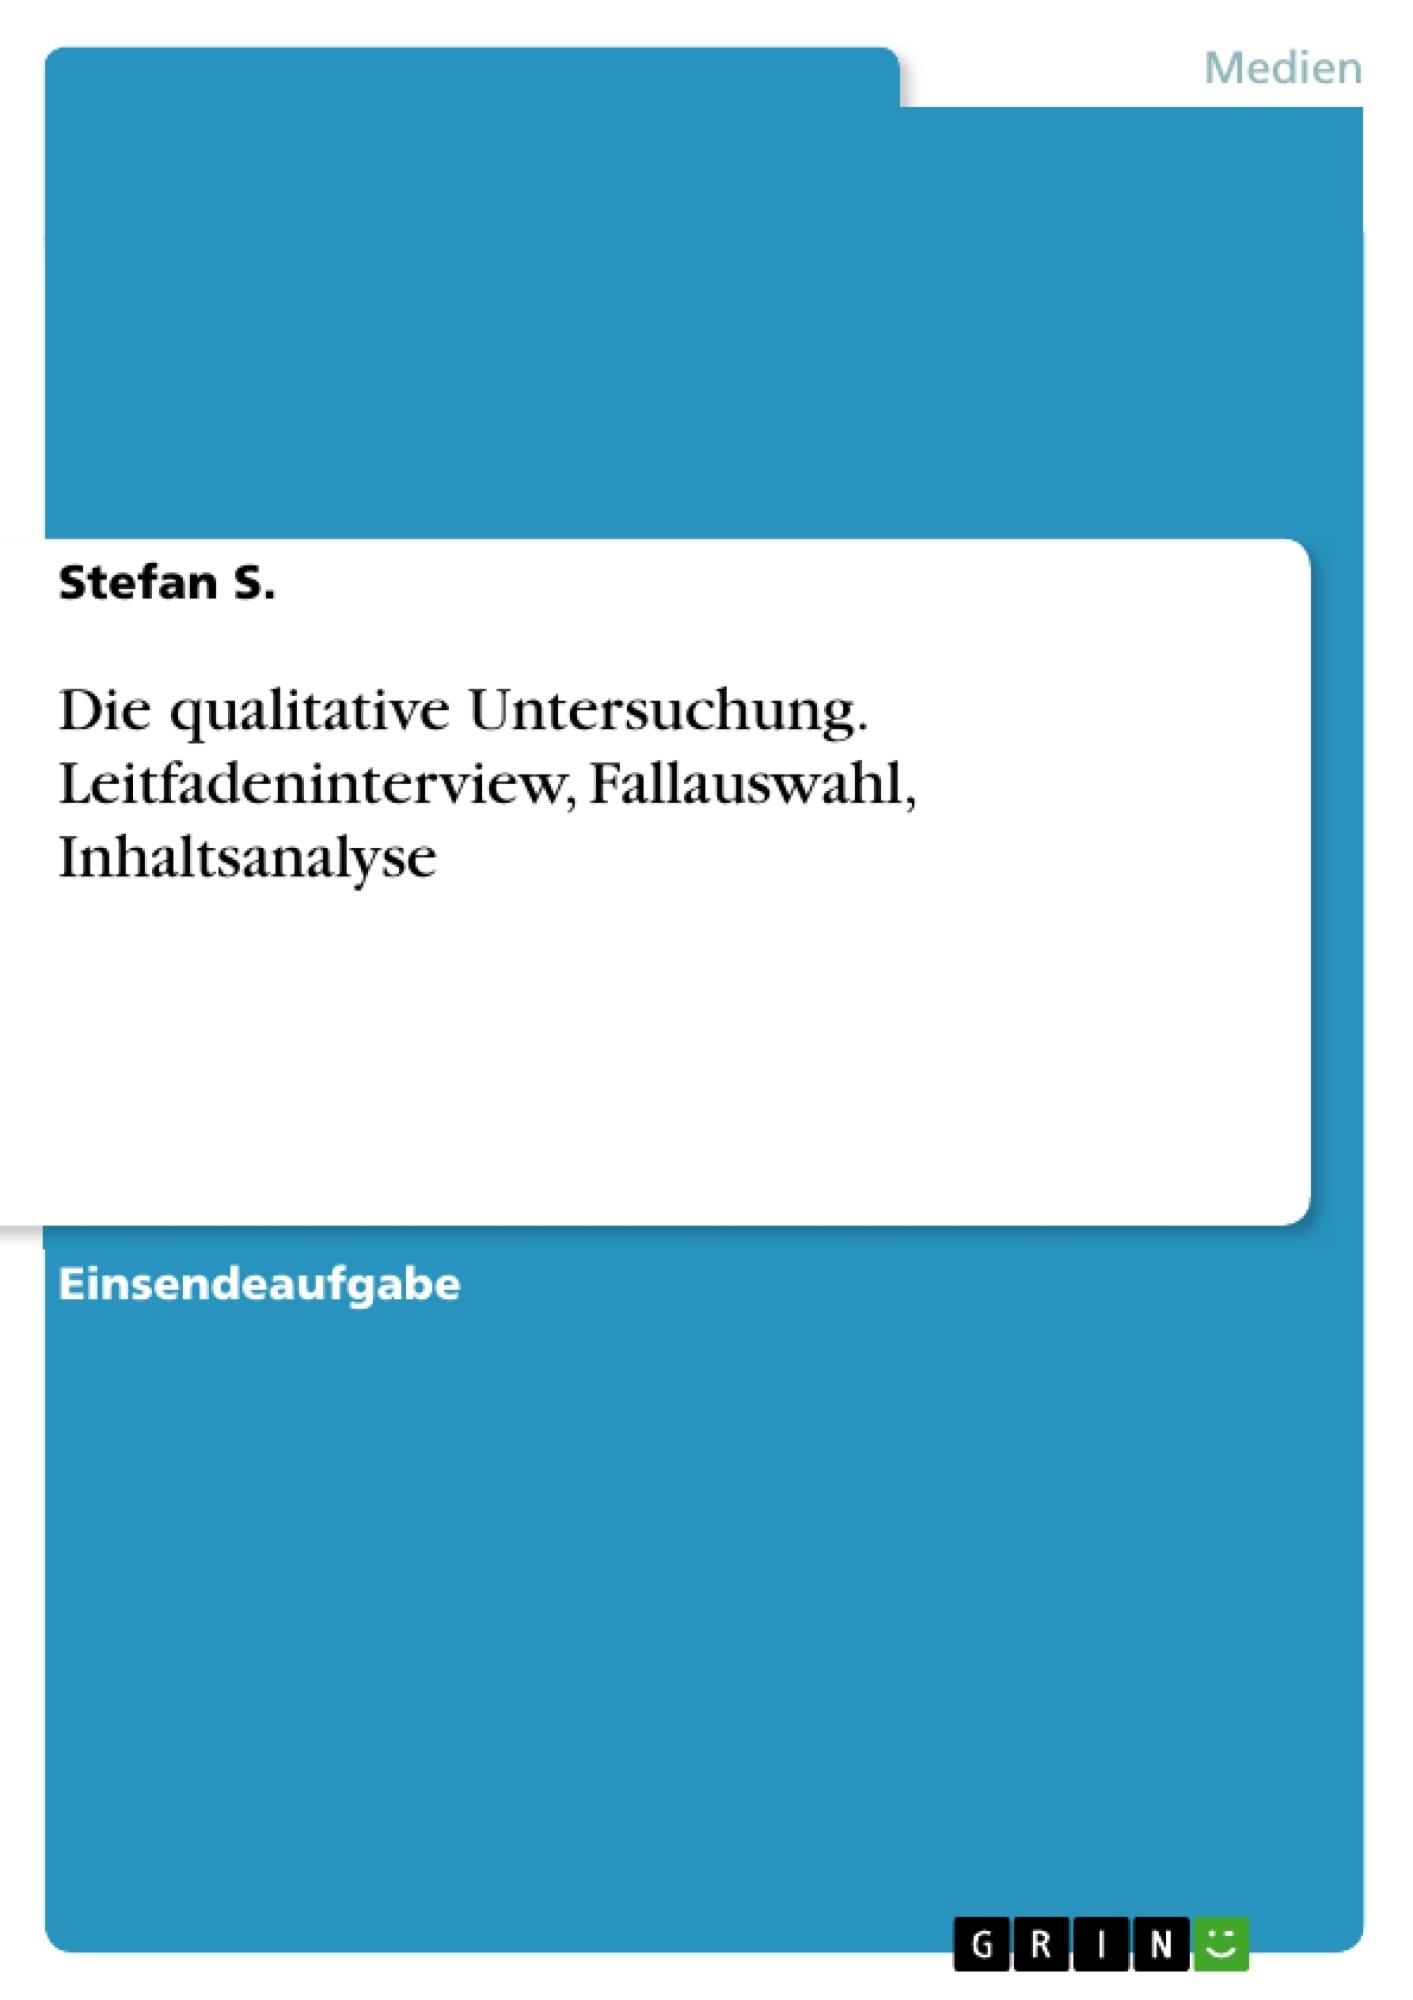 Titel: Die qualitative Untersuchung. Leitfadeninterview, Fallauswahl, Inhaltsanalyse